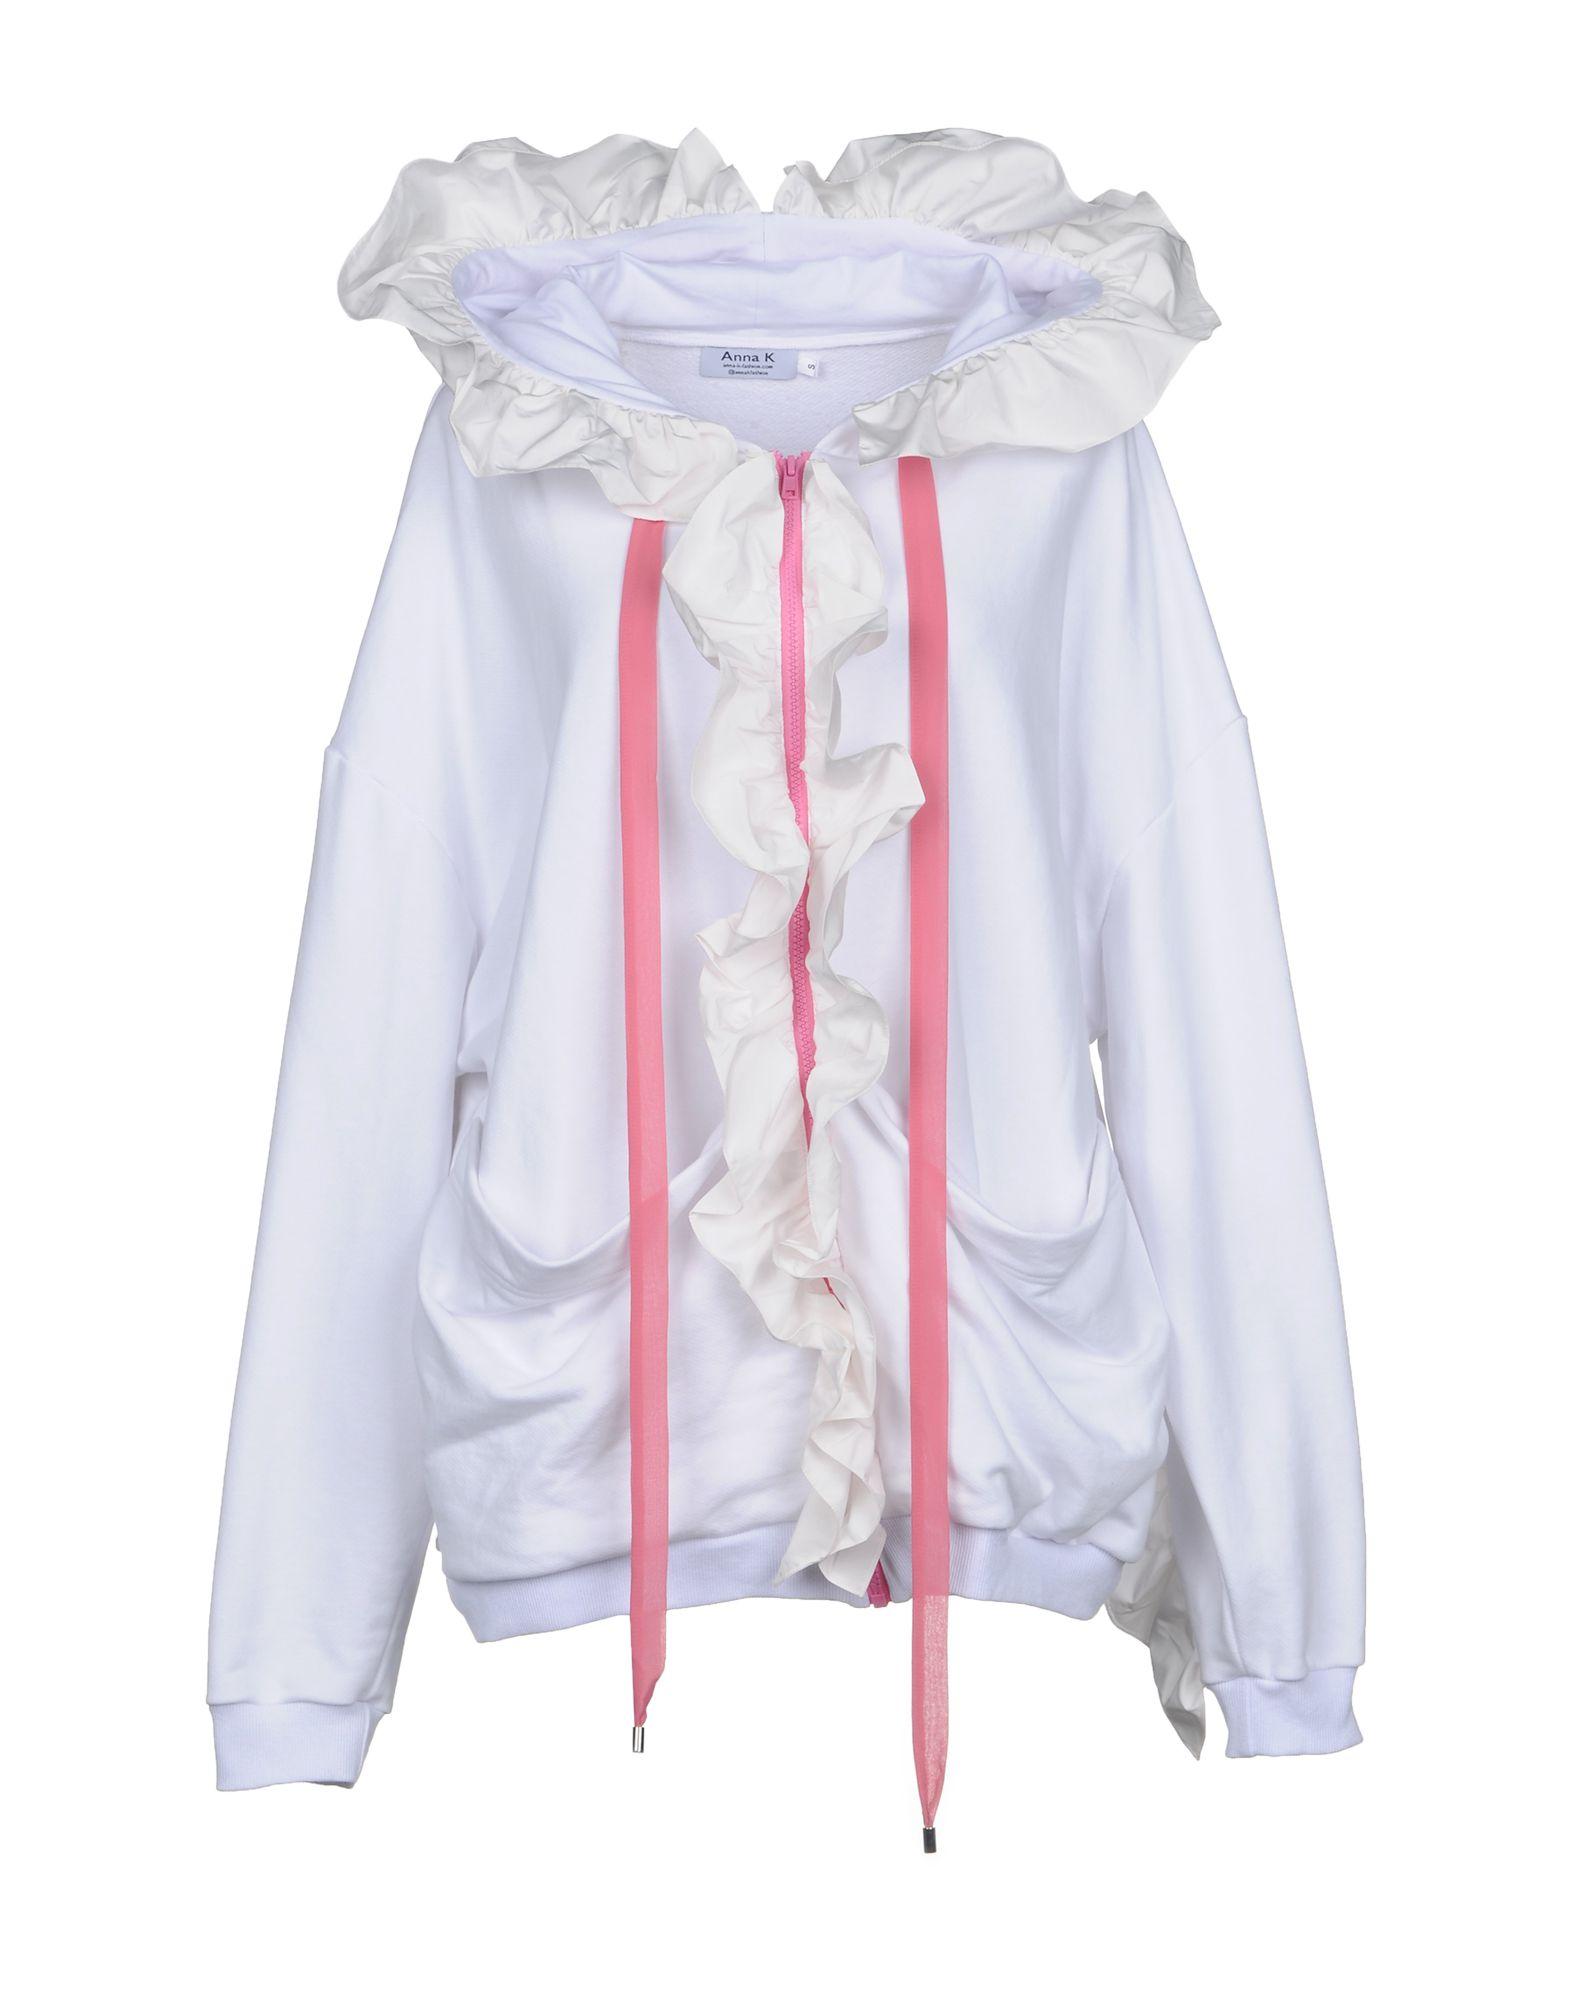 ANNA K Hooded Sweatshirt in White